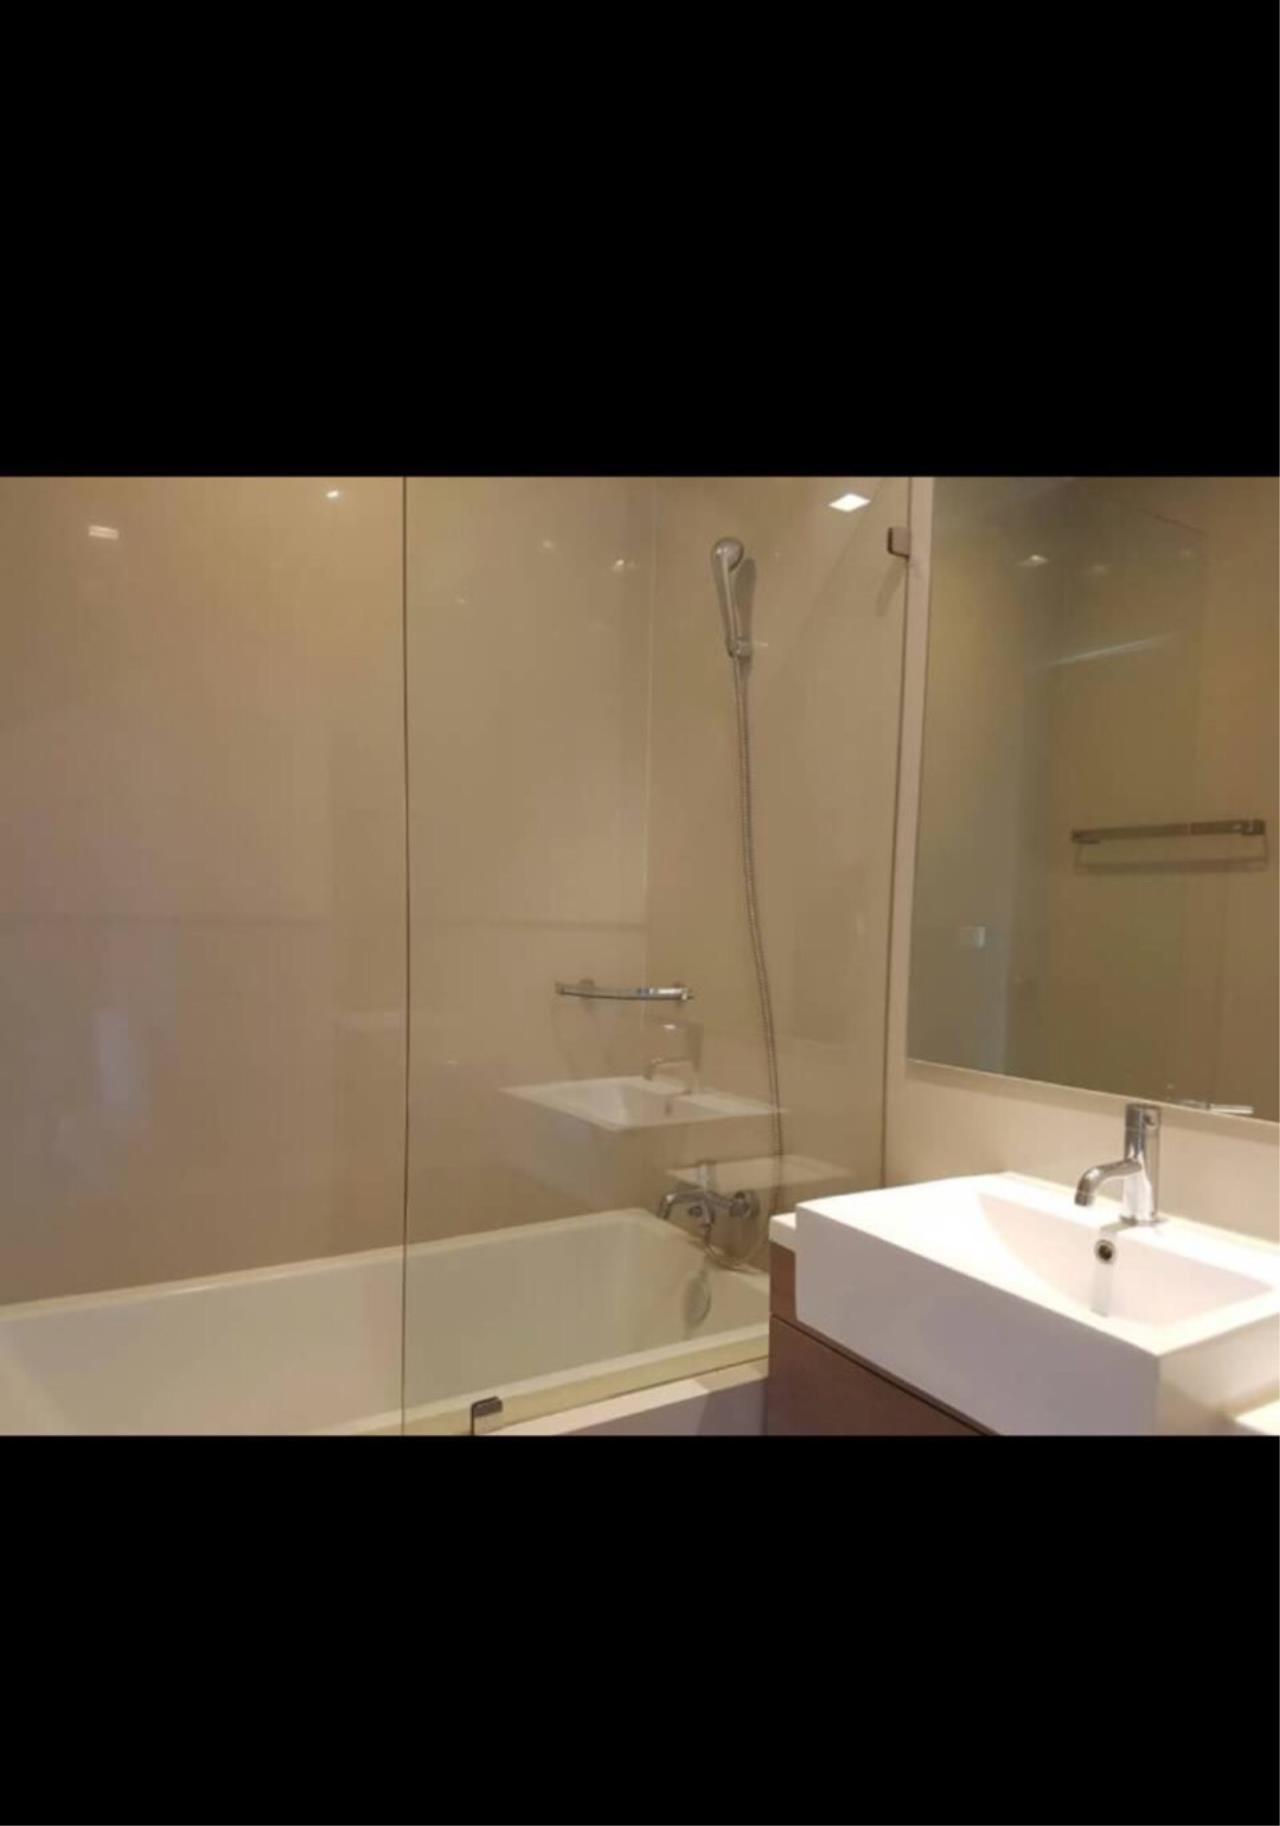 Arken Estate Agency Property Agency near BTS & MRT Agency's Noble Reveal BTS Ekkamai 2 bed 2 bath 4